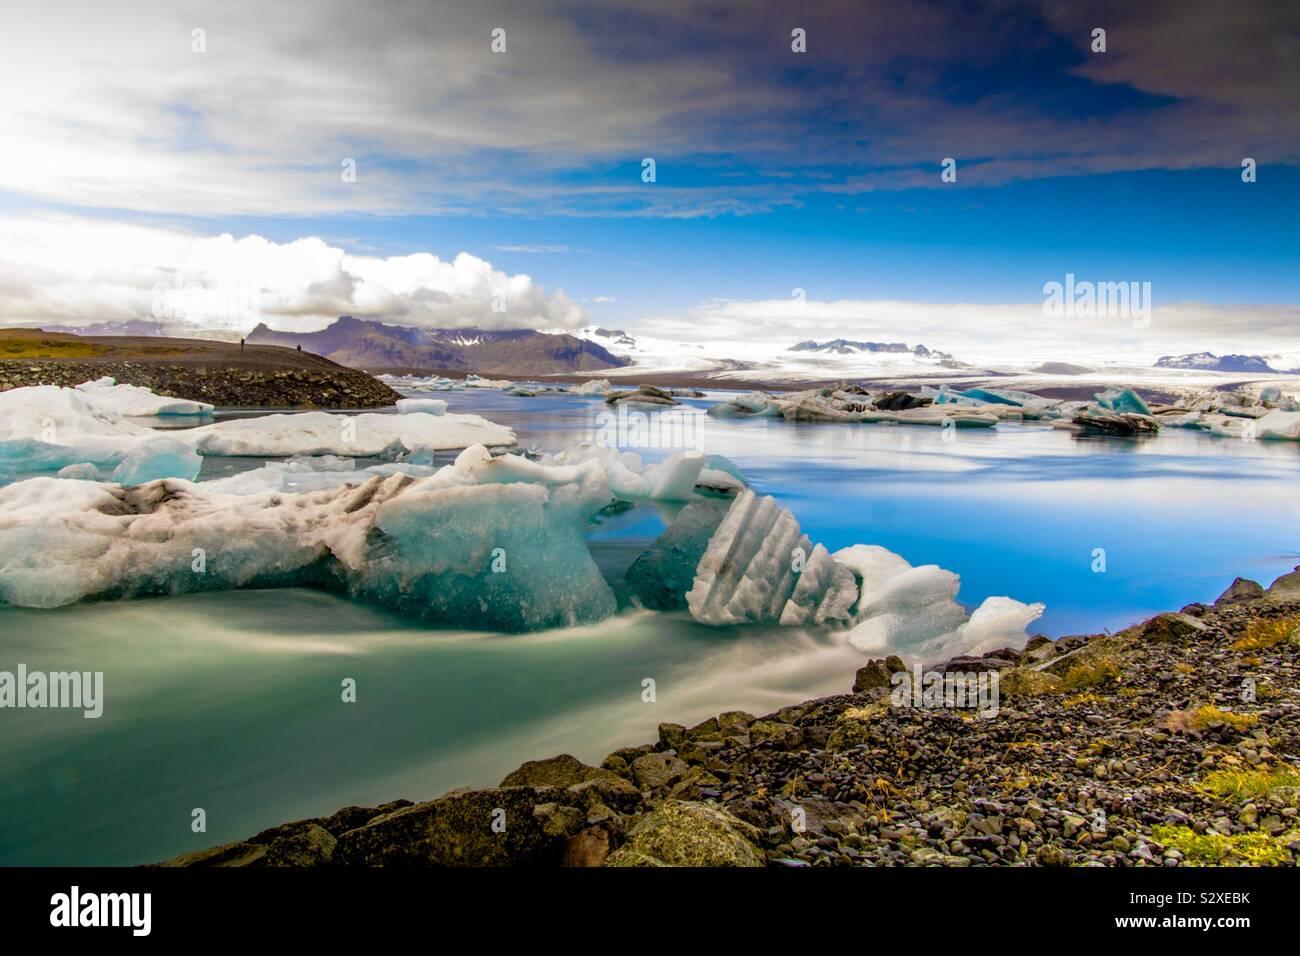 La larga exposición de una laguna en Islandia con témpanos flotantes Foto de stock